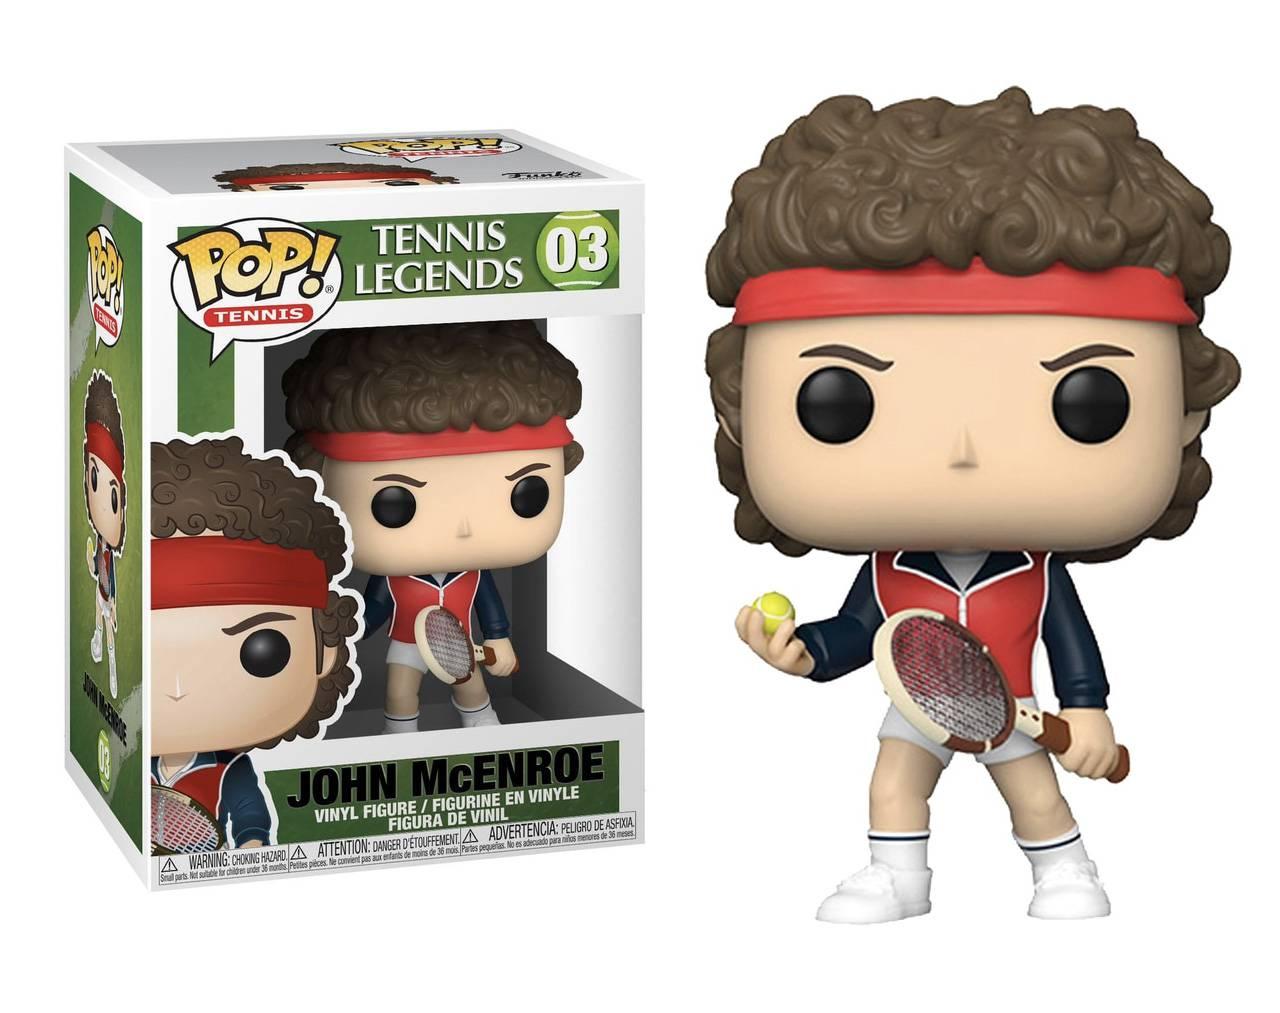 John McEnroe Pop! Vinyl